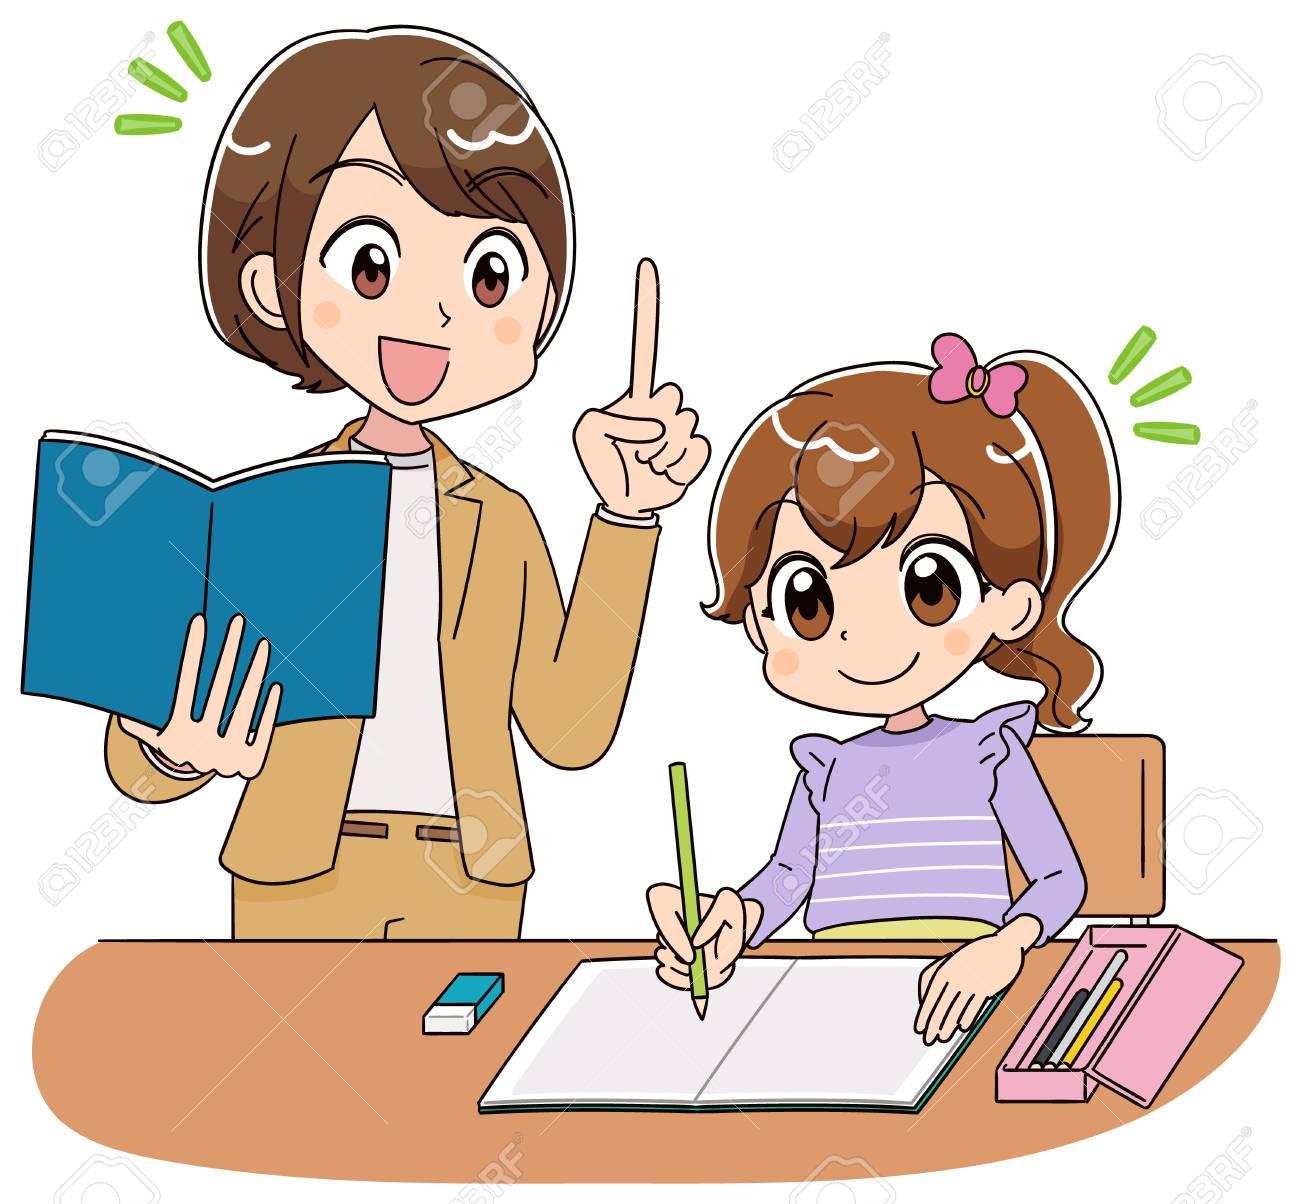 The teacher teaches a girl study - 124834388